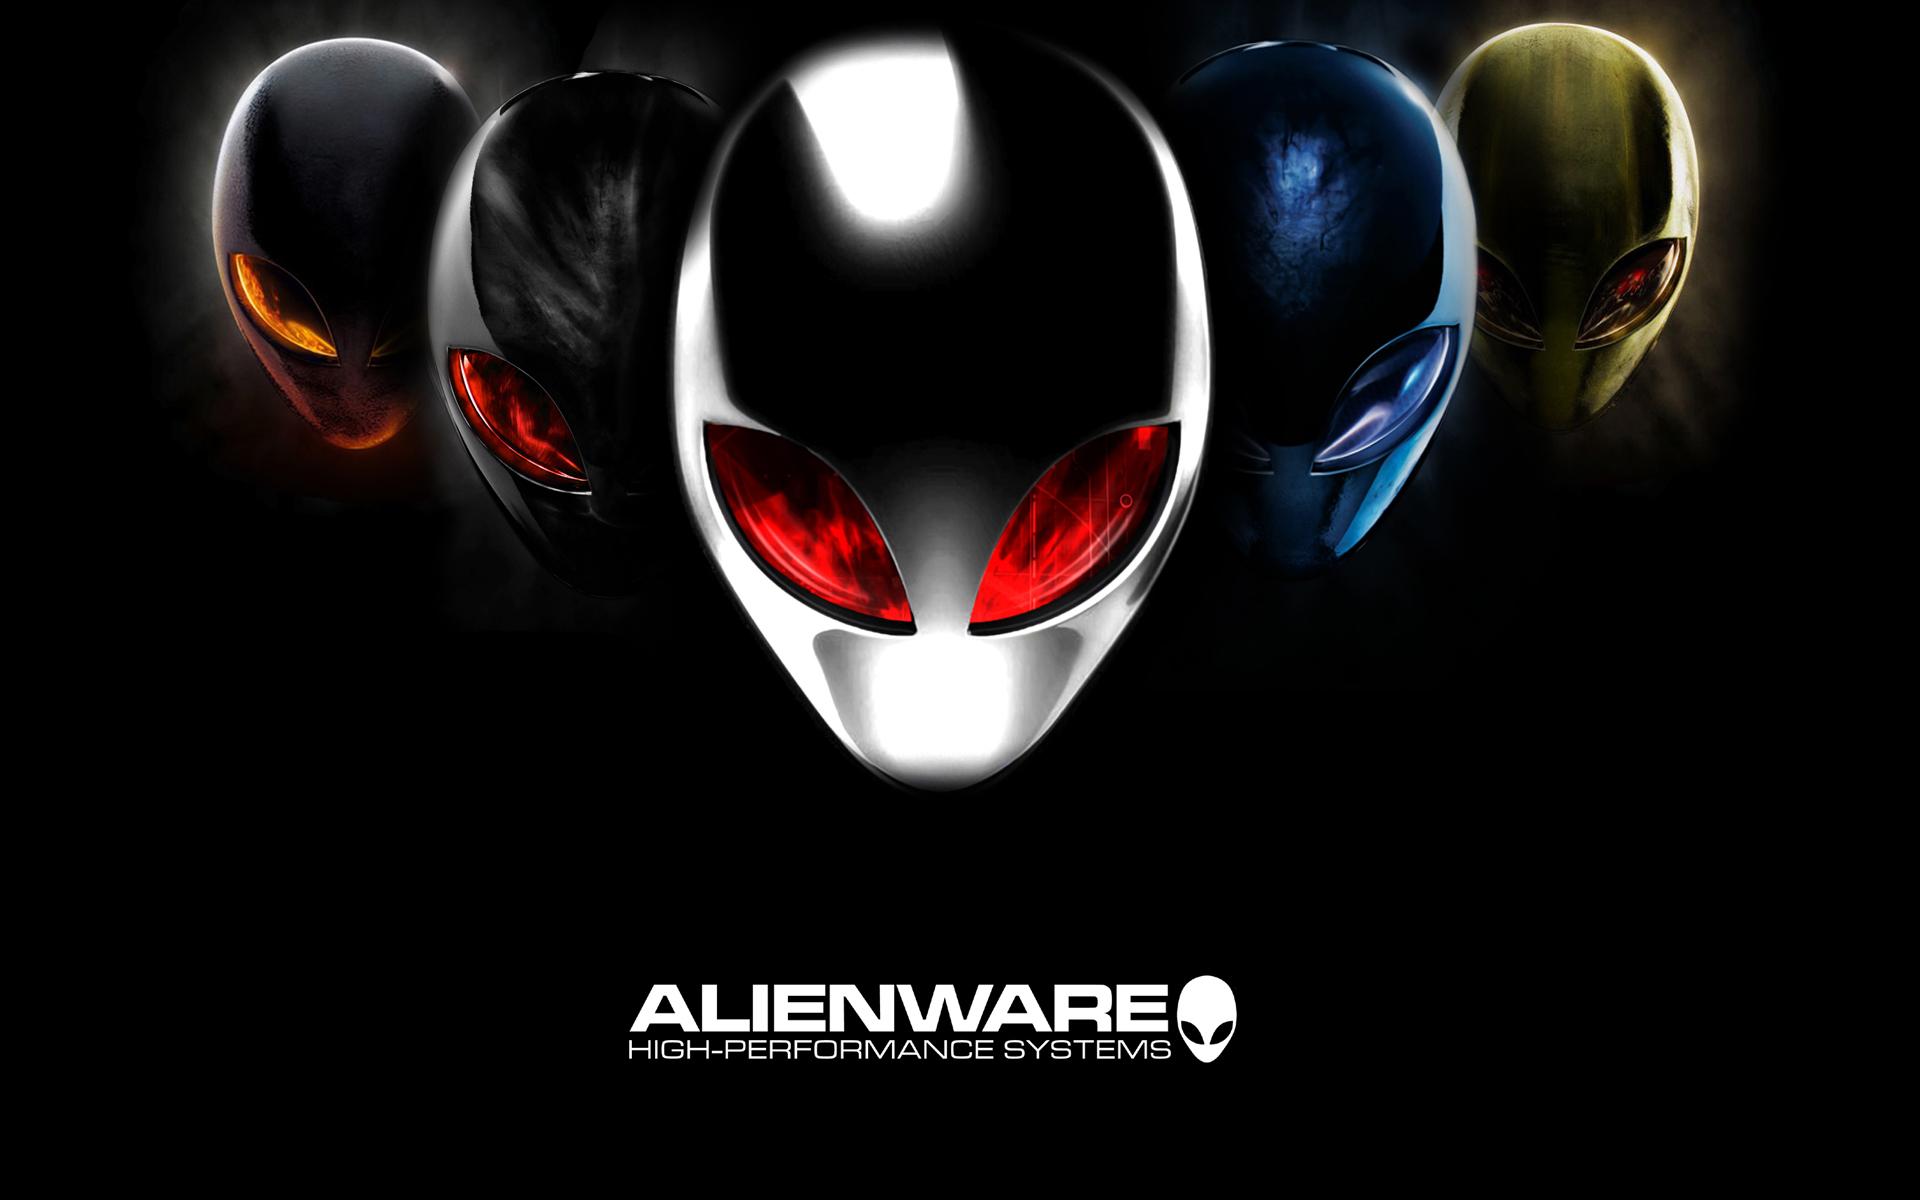 alienware wallpaper 1920x1200 Car Pictures 1920x1200